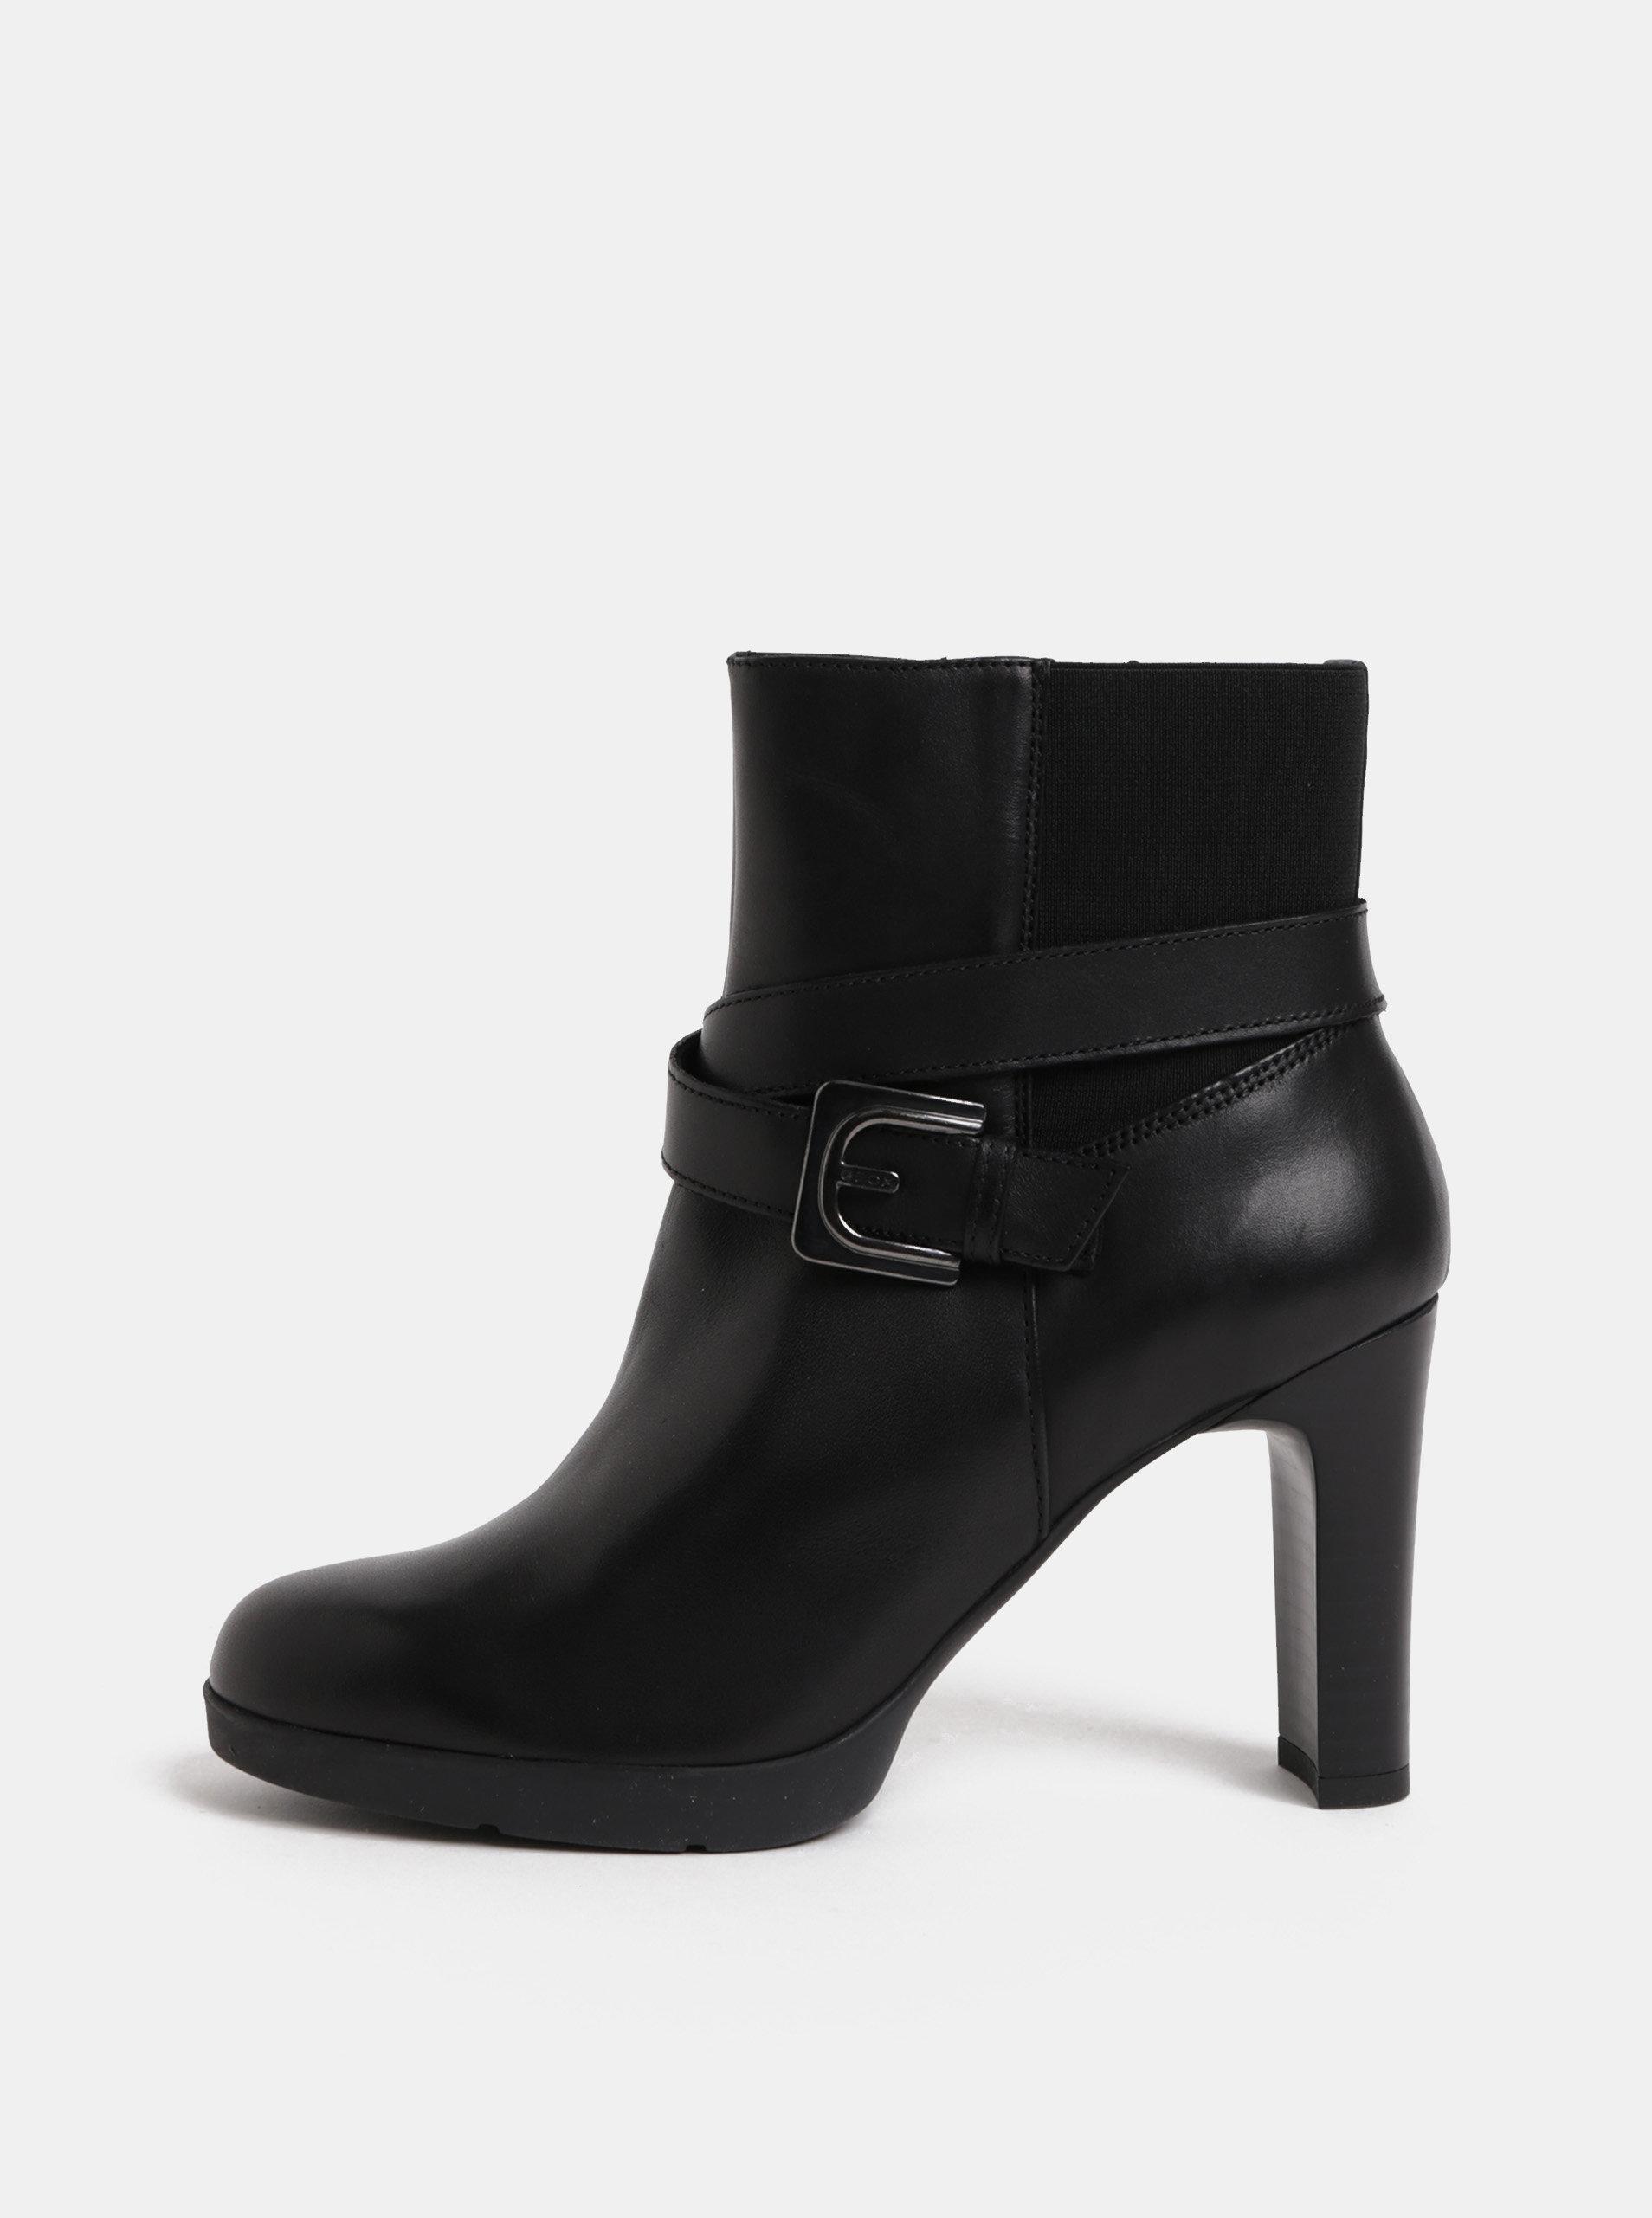 Čierne dámske kožené členkové topánky na podpätku Geox Annya ... 23ff8eee91